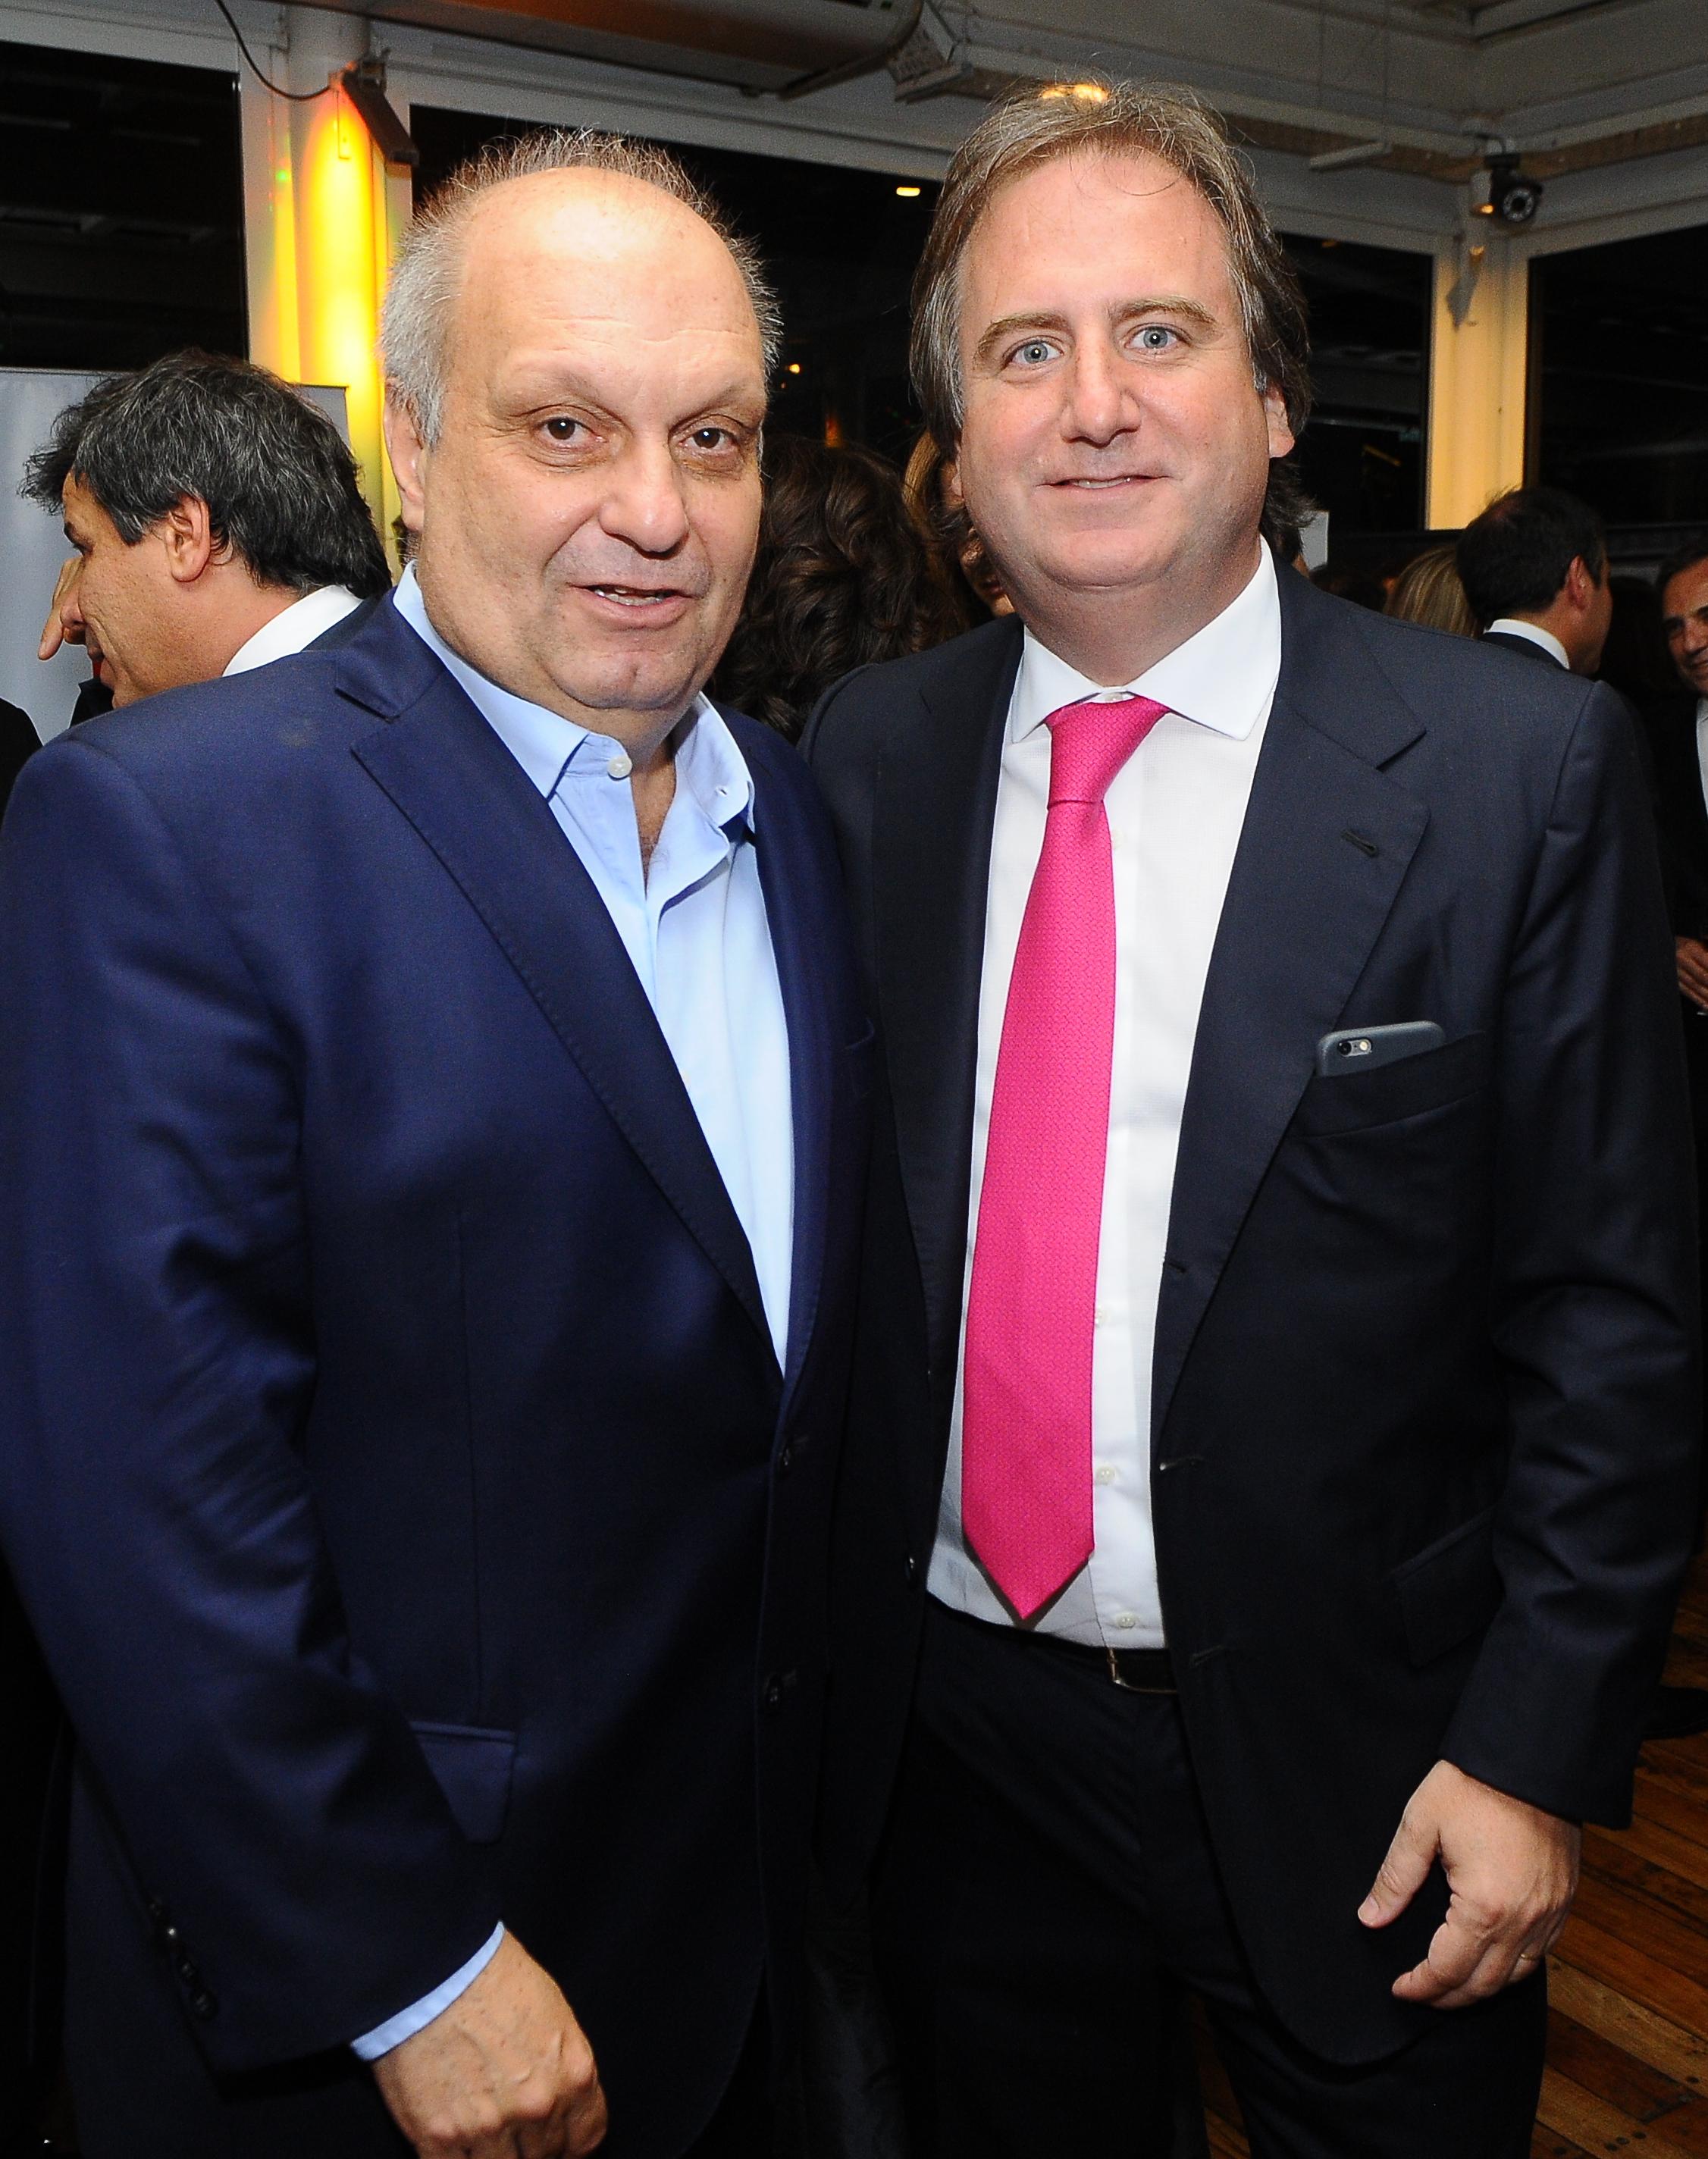 Hernán Lombardi, titular del Sistema Federal de Medios y Contenidos Públicos, y Tato Lanusse